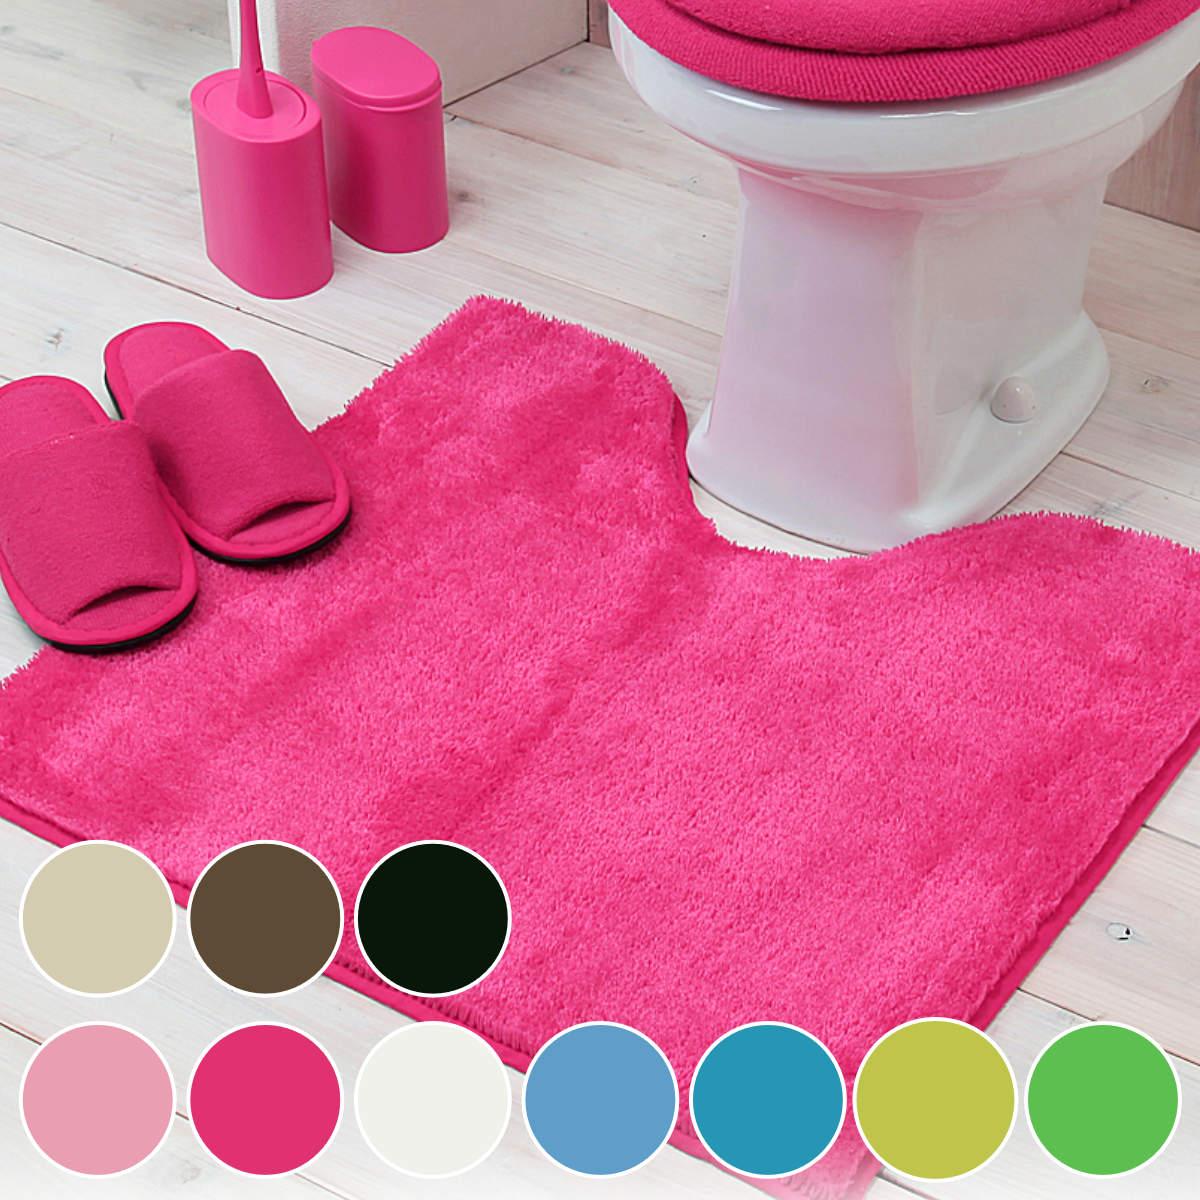 選んでいるだけで楽しくなるような 色とりどりのトイレマット トイレマット 限定価格セール カラーショップ 55×60cm トイレ マット アイテム勢ぞろい トイレタリー 無地 55×60 柄なし トイレ用品 多色